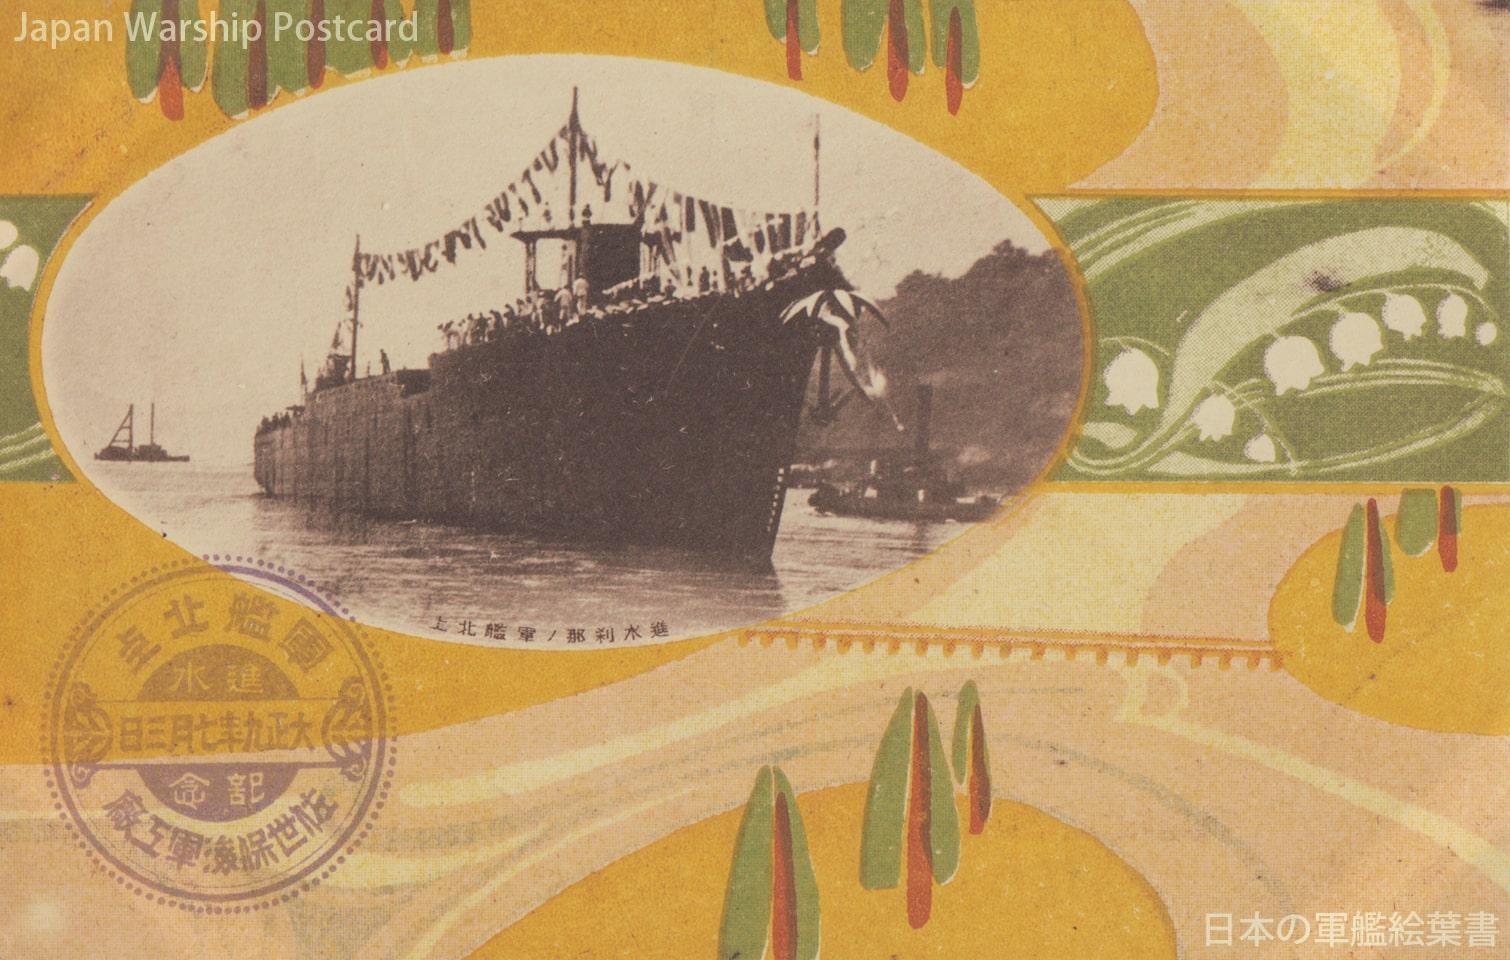 軍艦北上進水記念